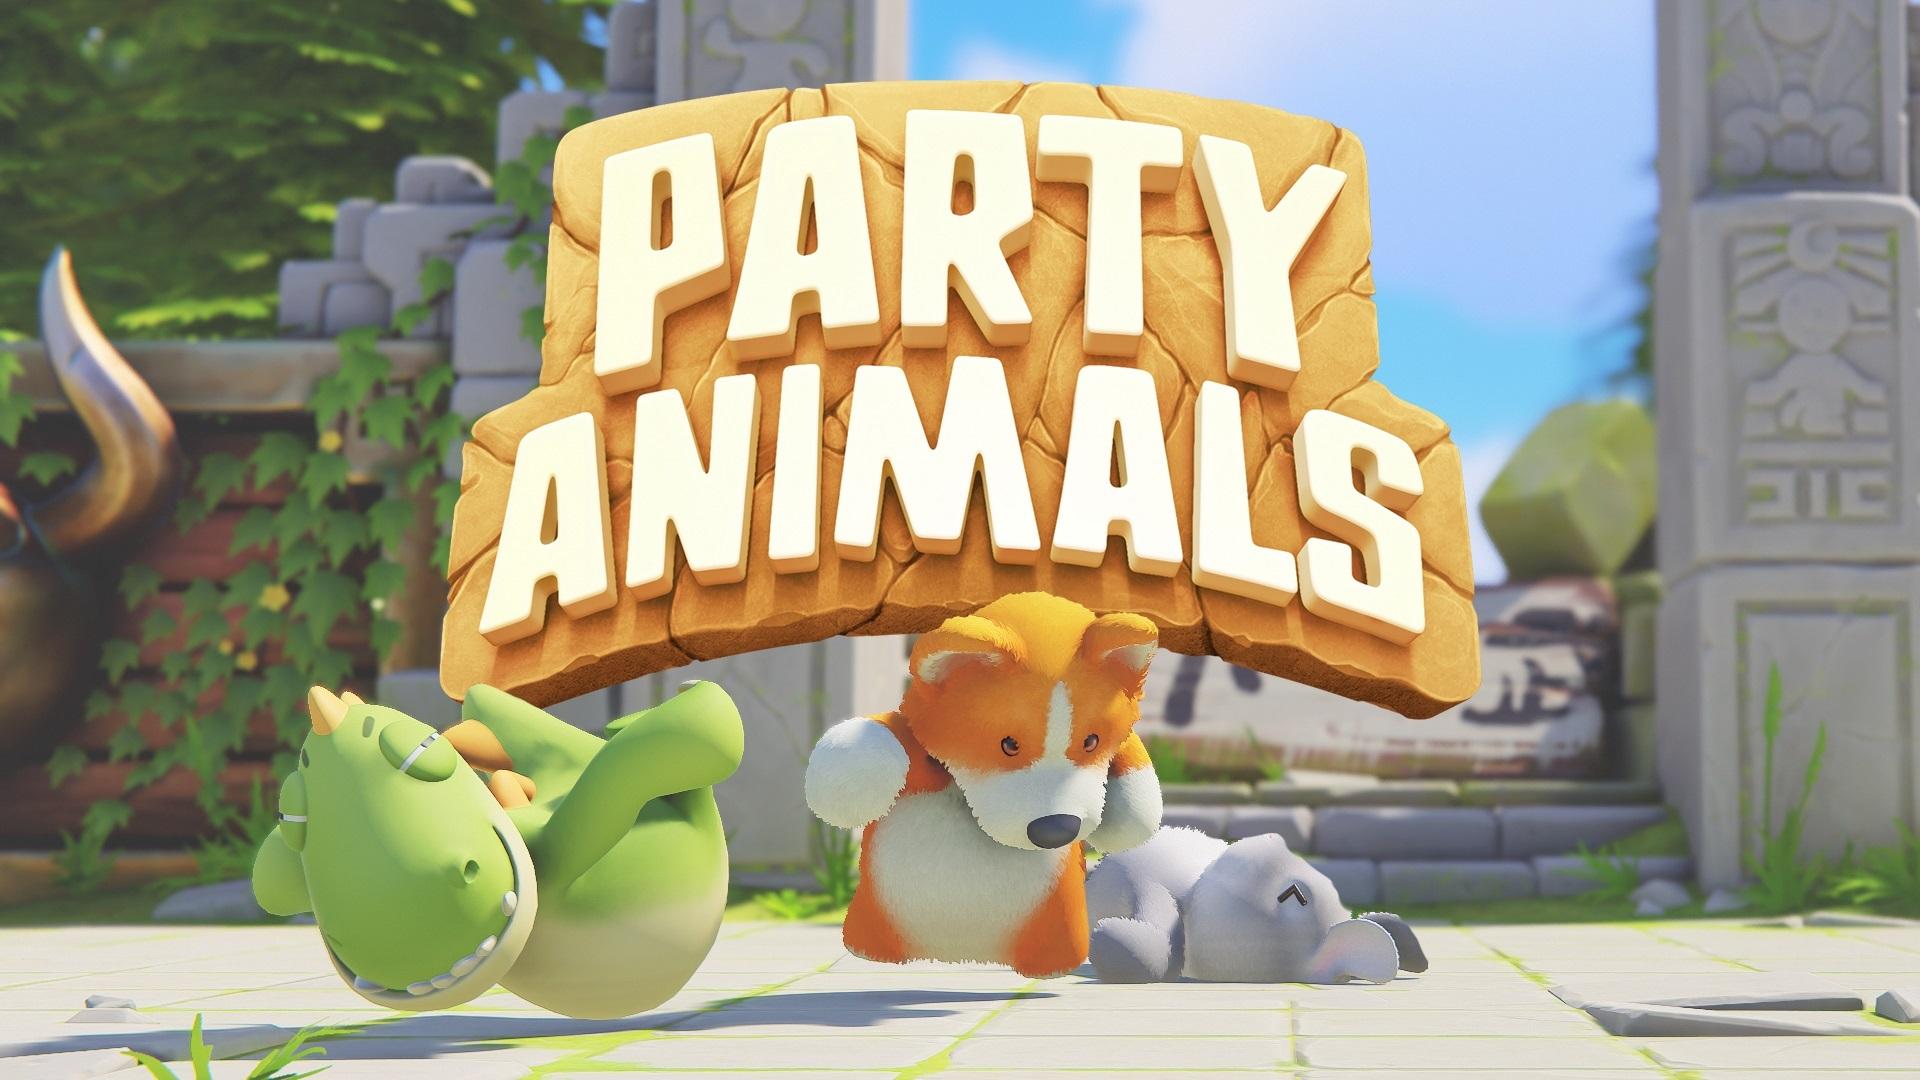 Prueba Party Animals con su nueva demo en Steam - The Couch